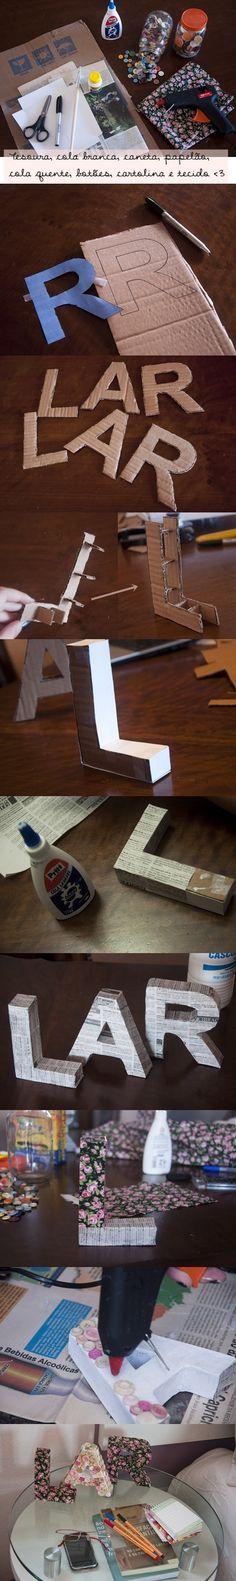 #Letras #DIY